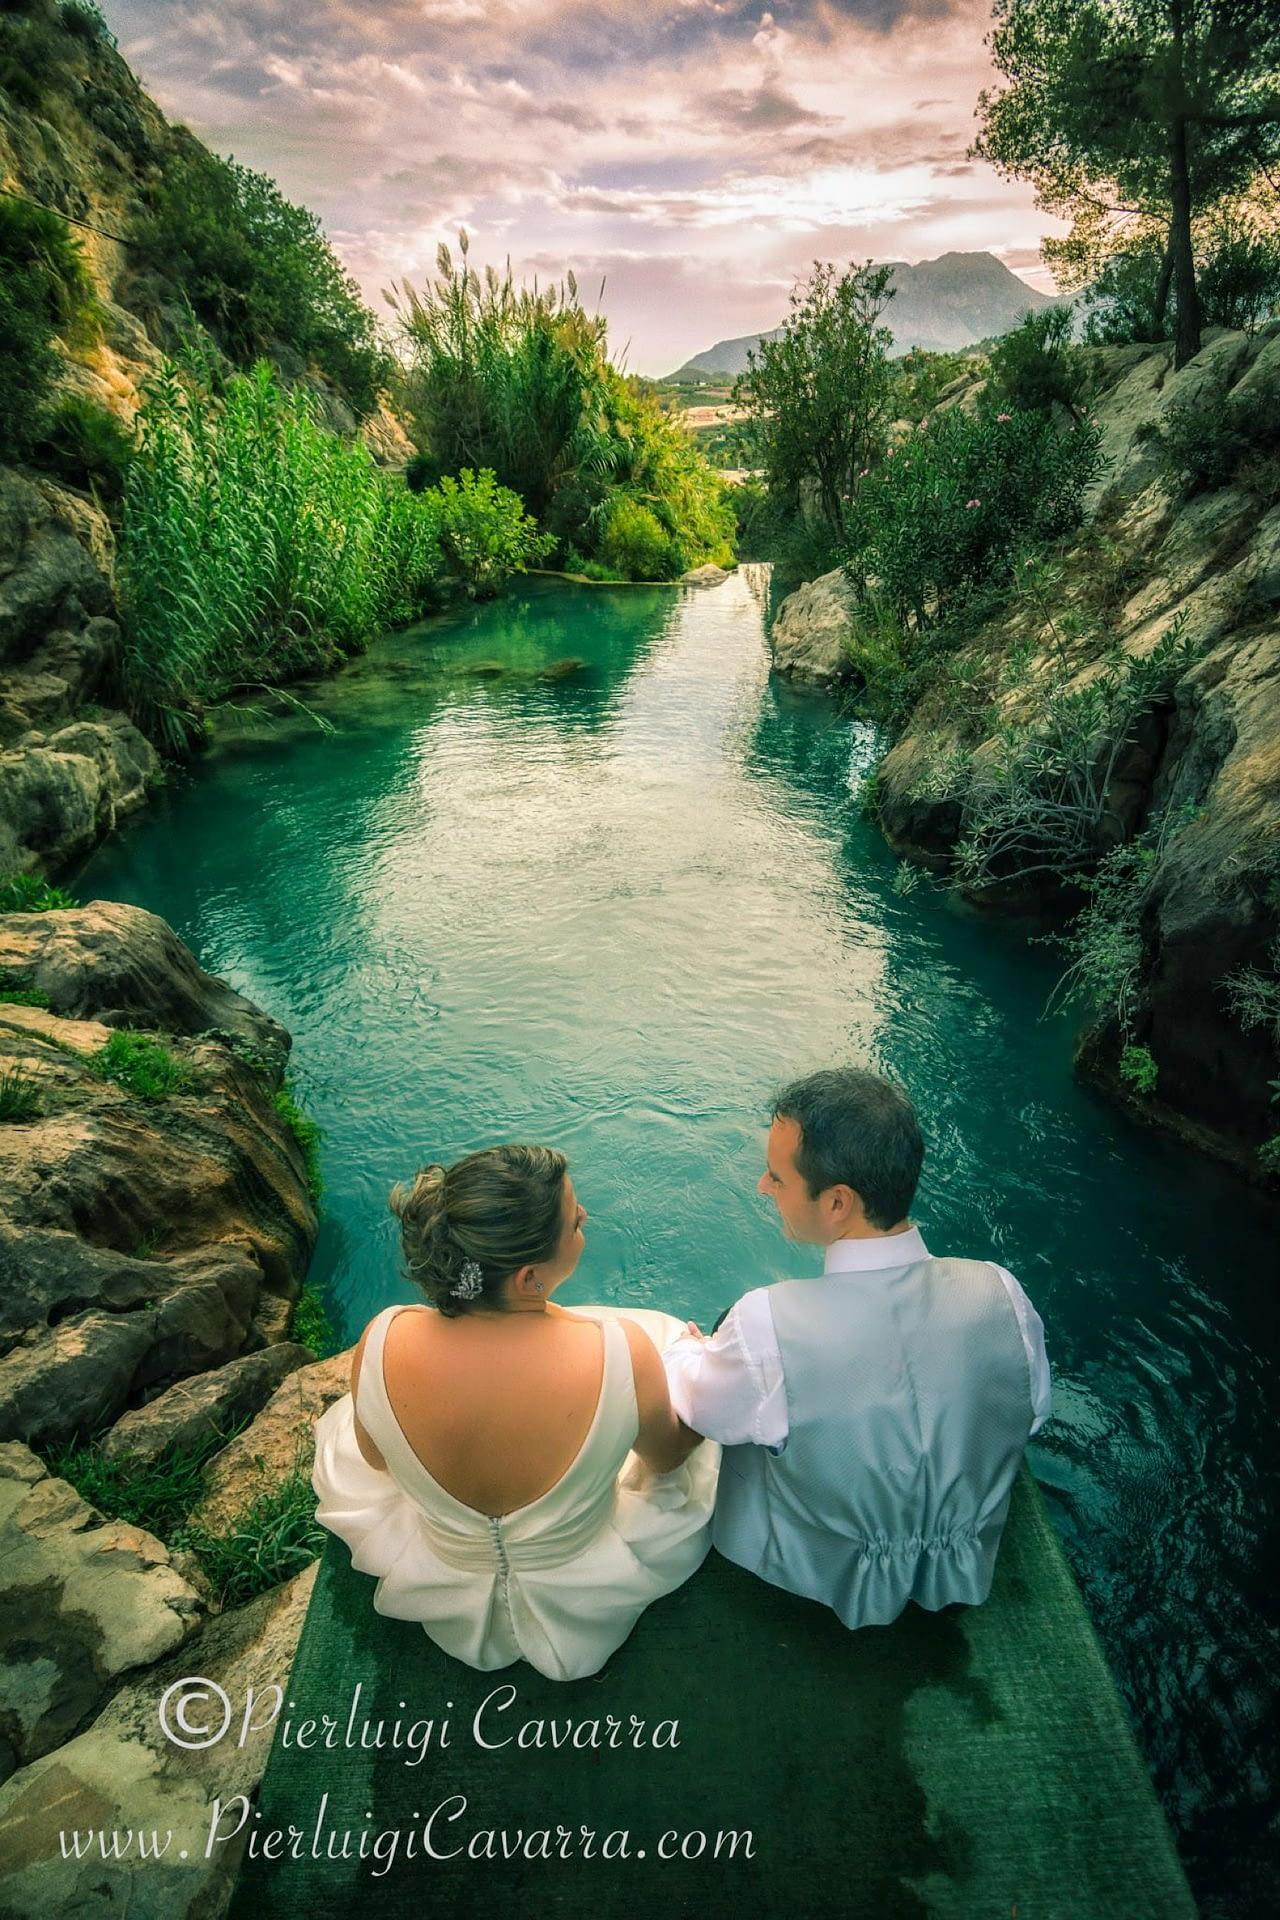 Pierluigi Cavarra - fotografo de bodas y eventos - wedding photographer costa blanca - ejemplo -44